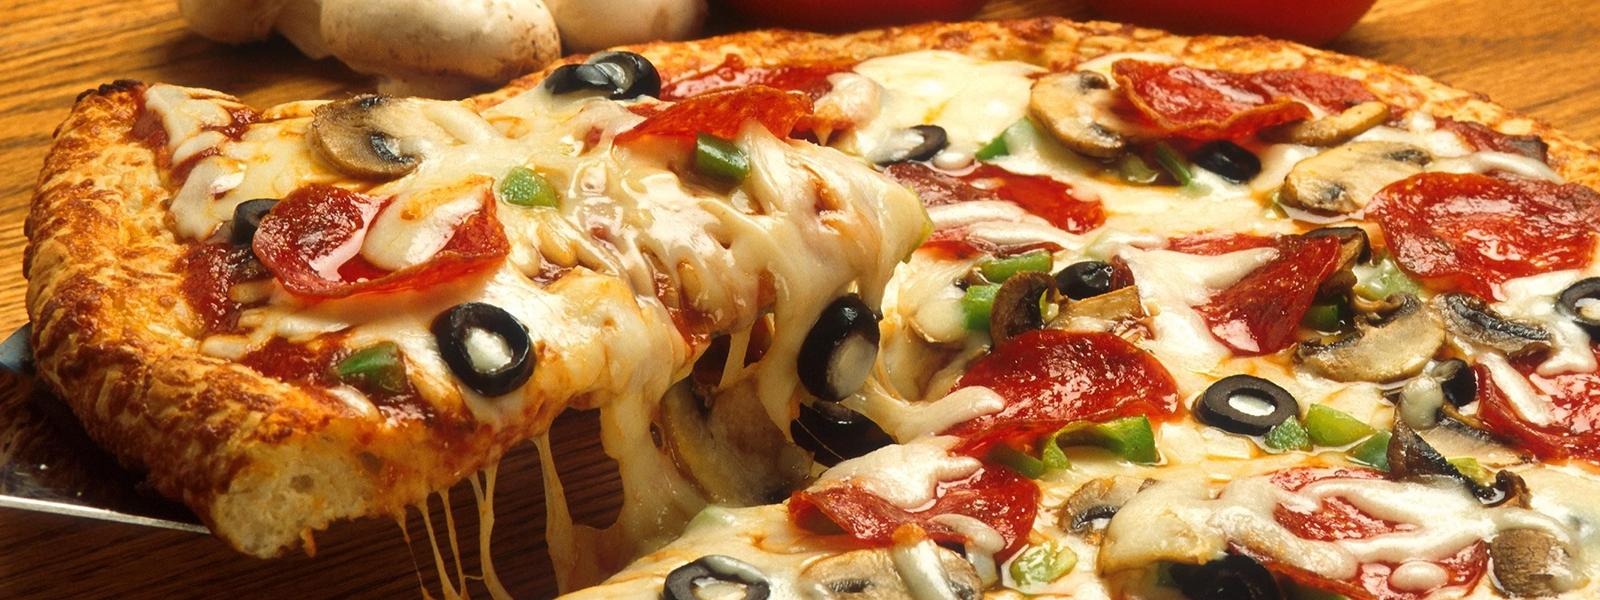 Pizza Delight Pizza Delight Alfreton Takeaway Order Online